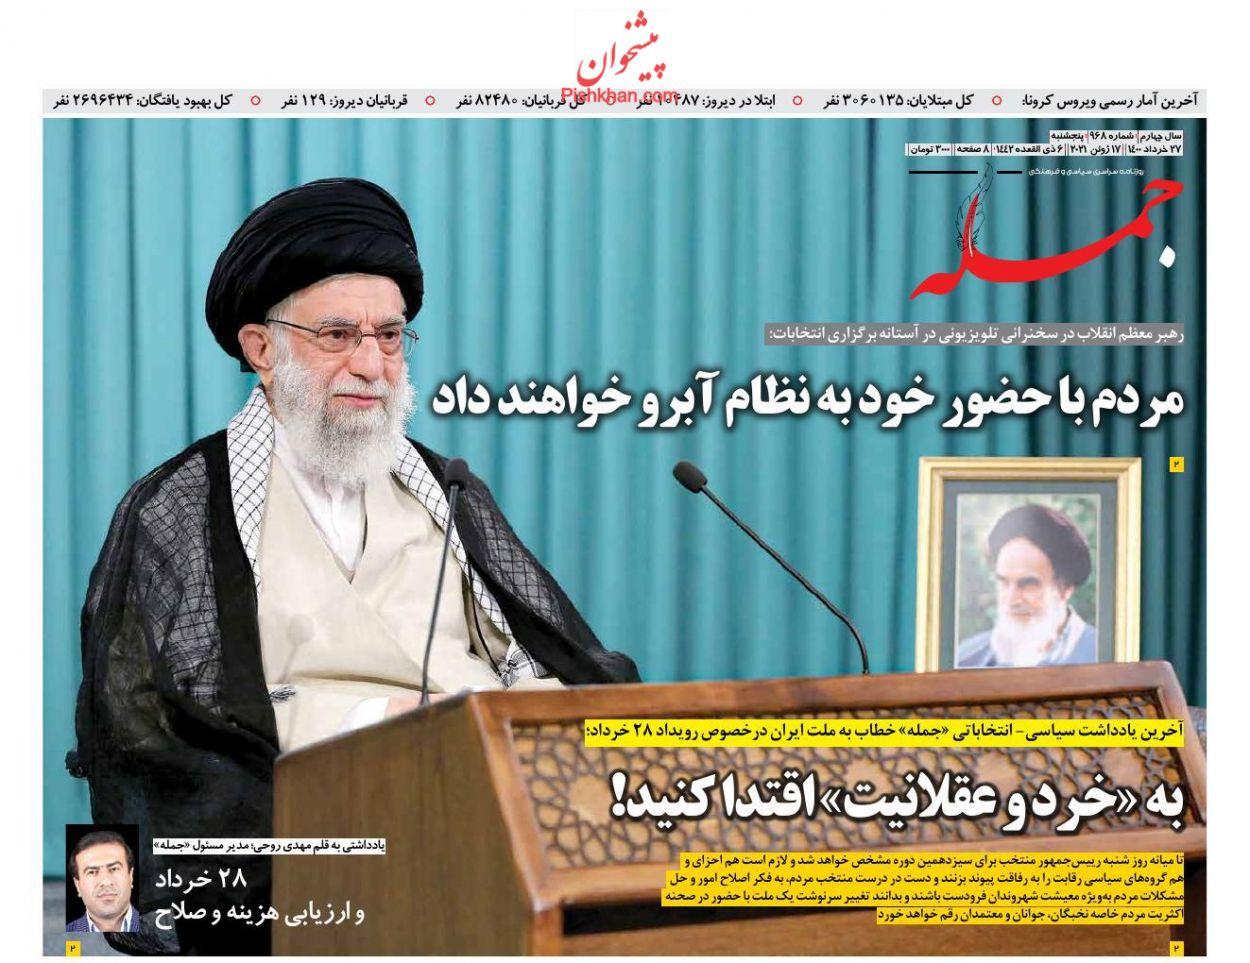 عناوین اخبار روزنامه جمله در روز پنجشنبه ۲۷ خرداد